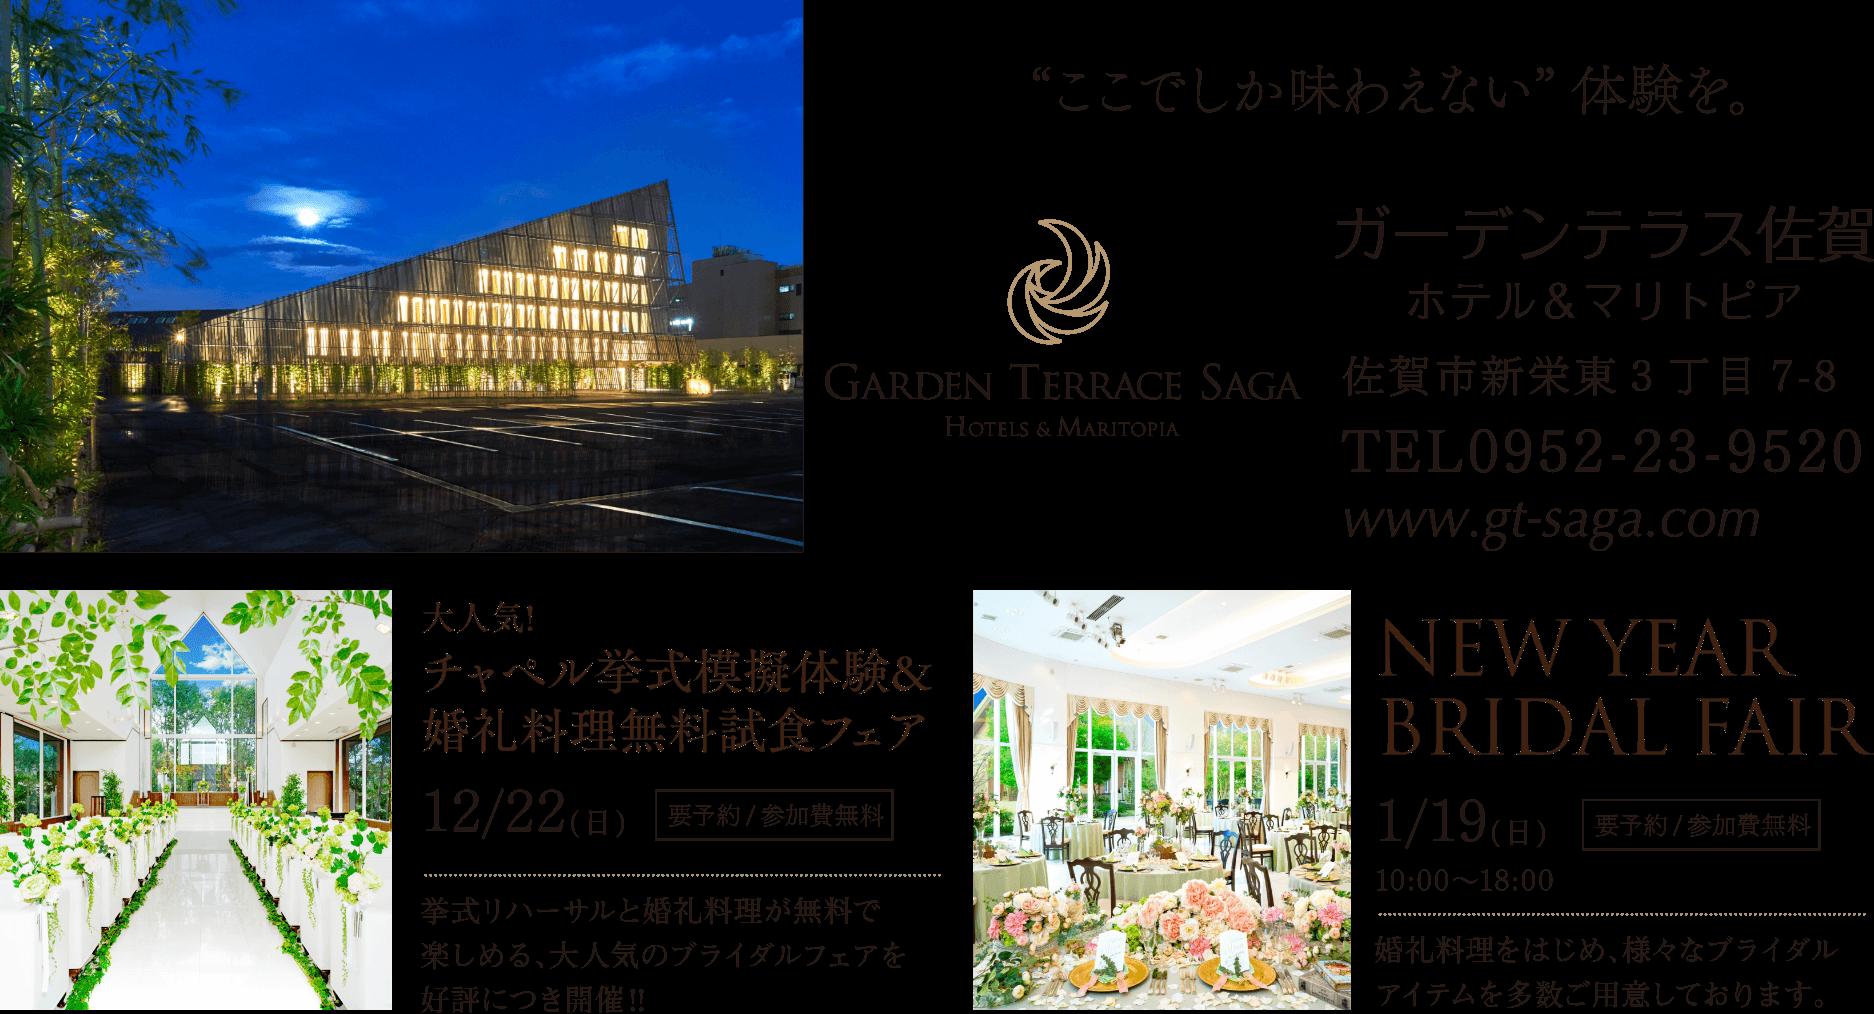 ガーデンテラス佐賀ホテル&マリトピア